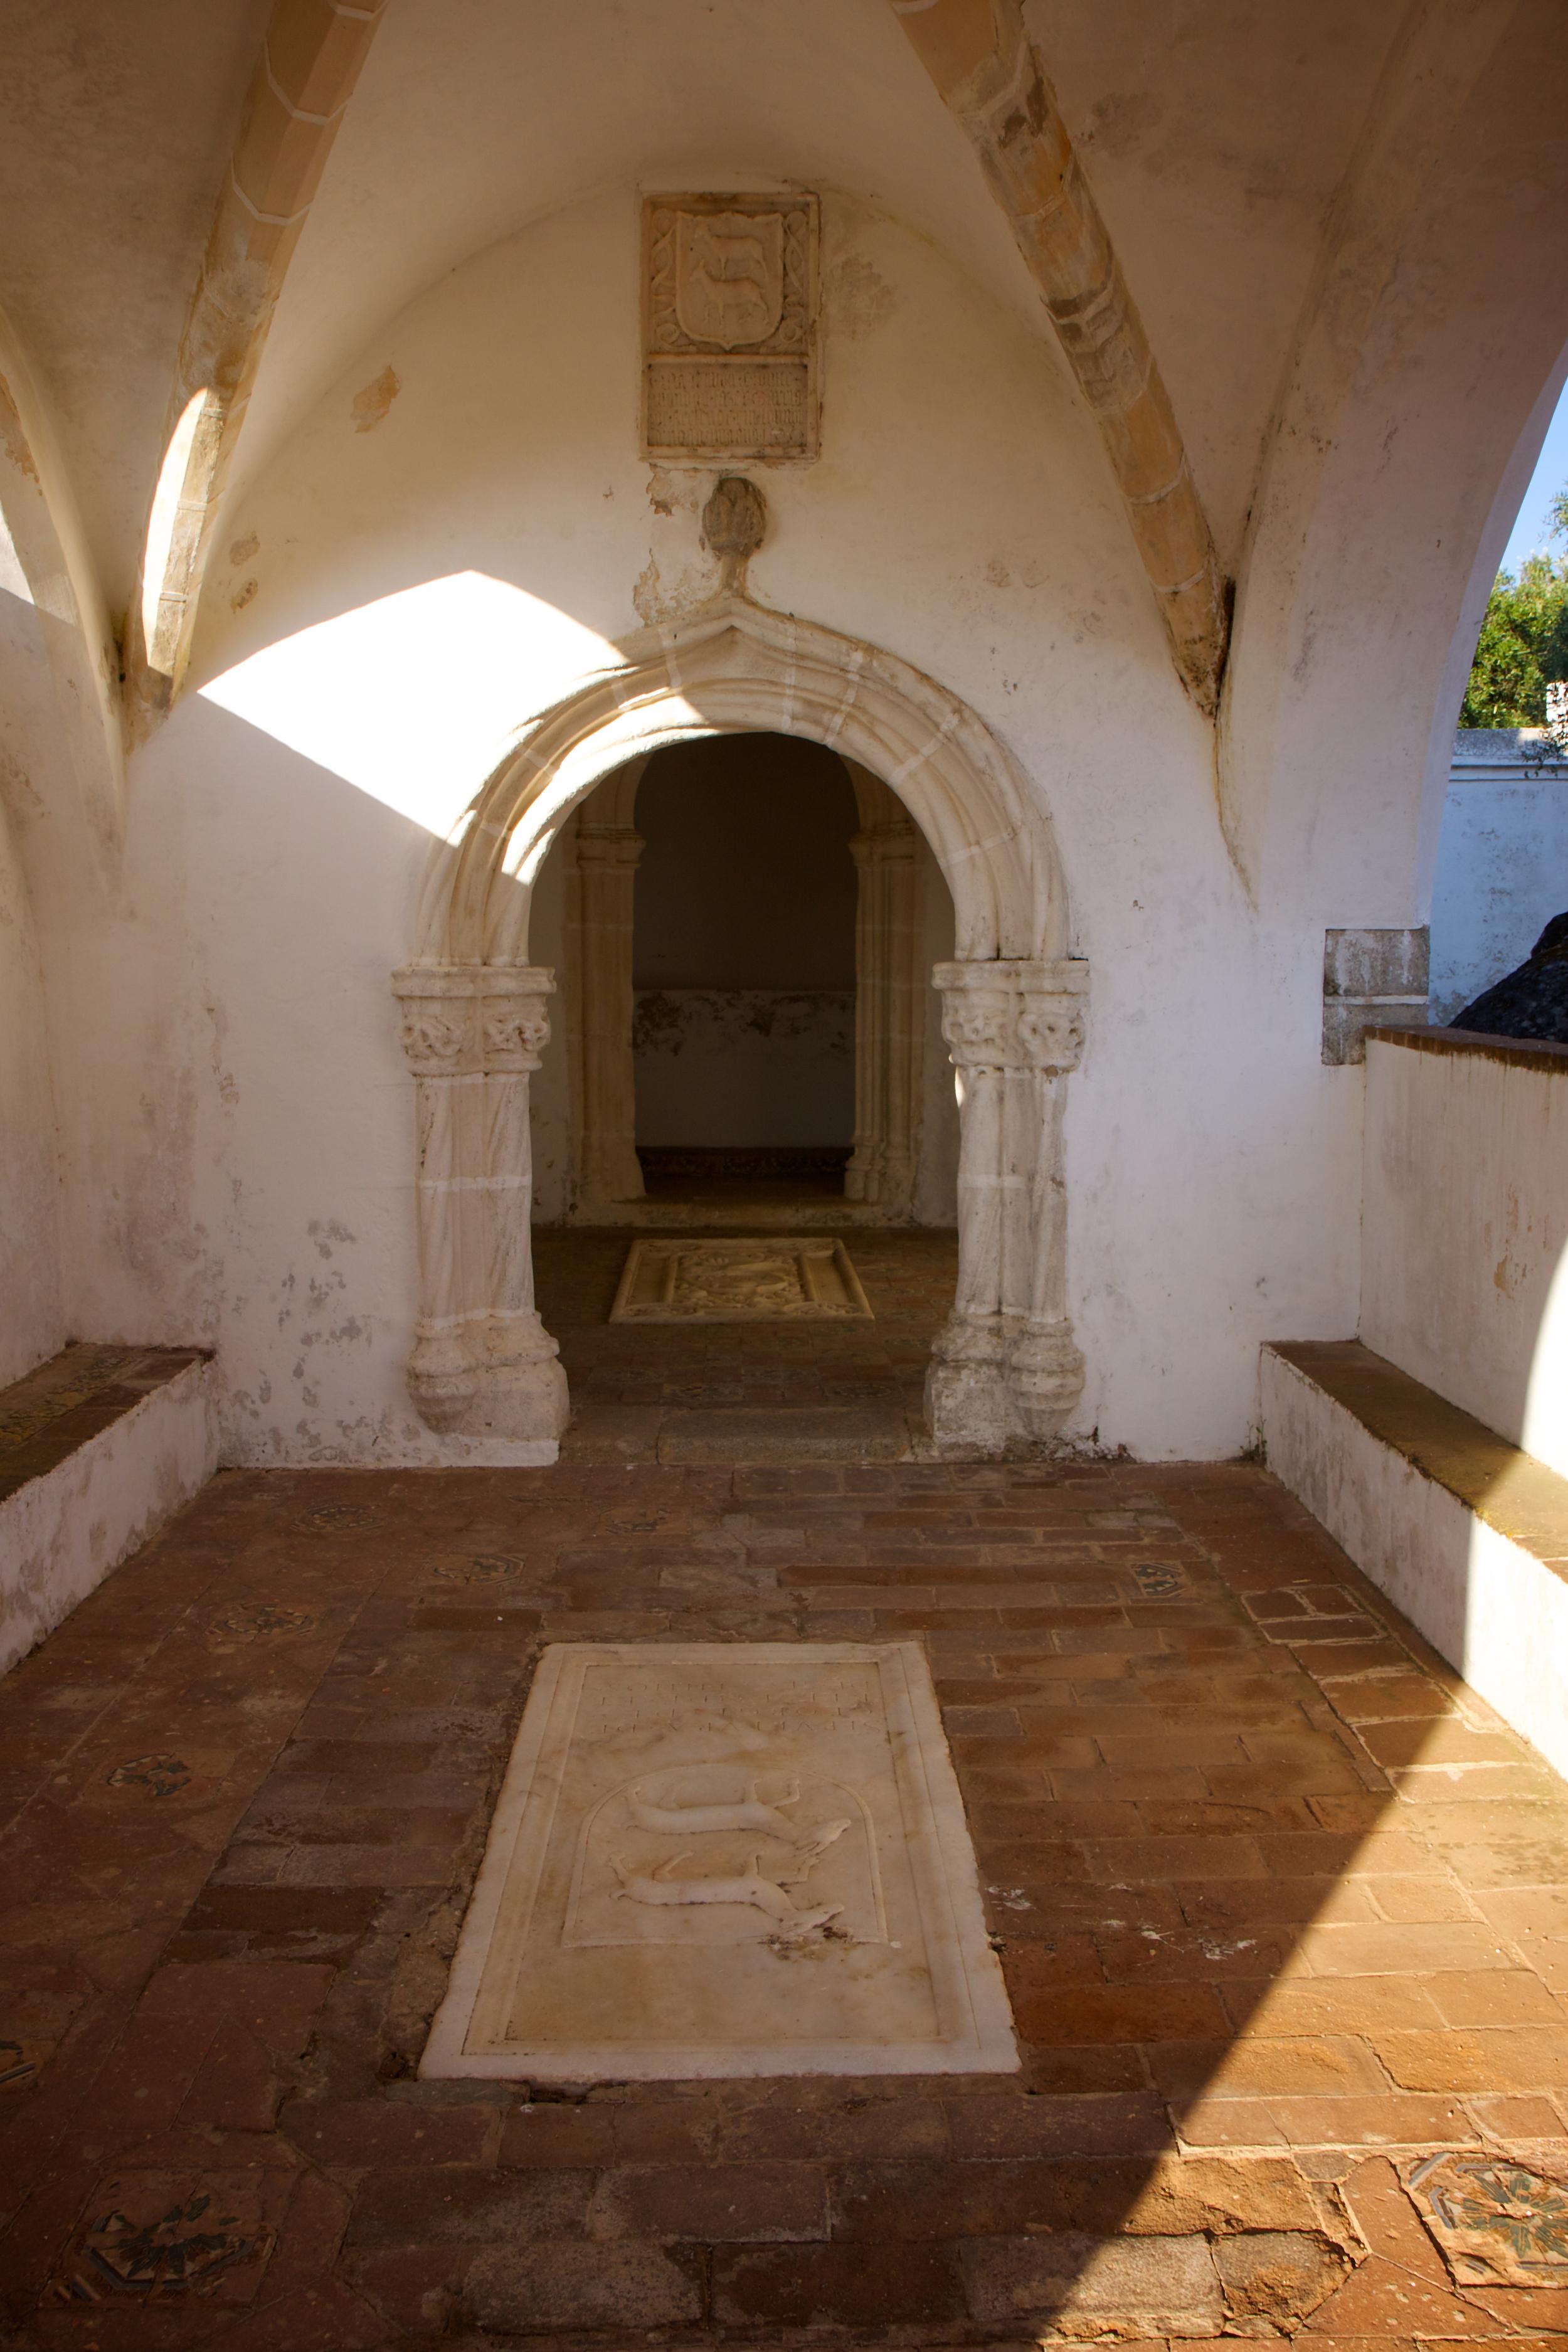 Convento-Do-Espinheiro-juillet-2013-598.jpg